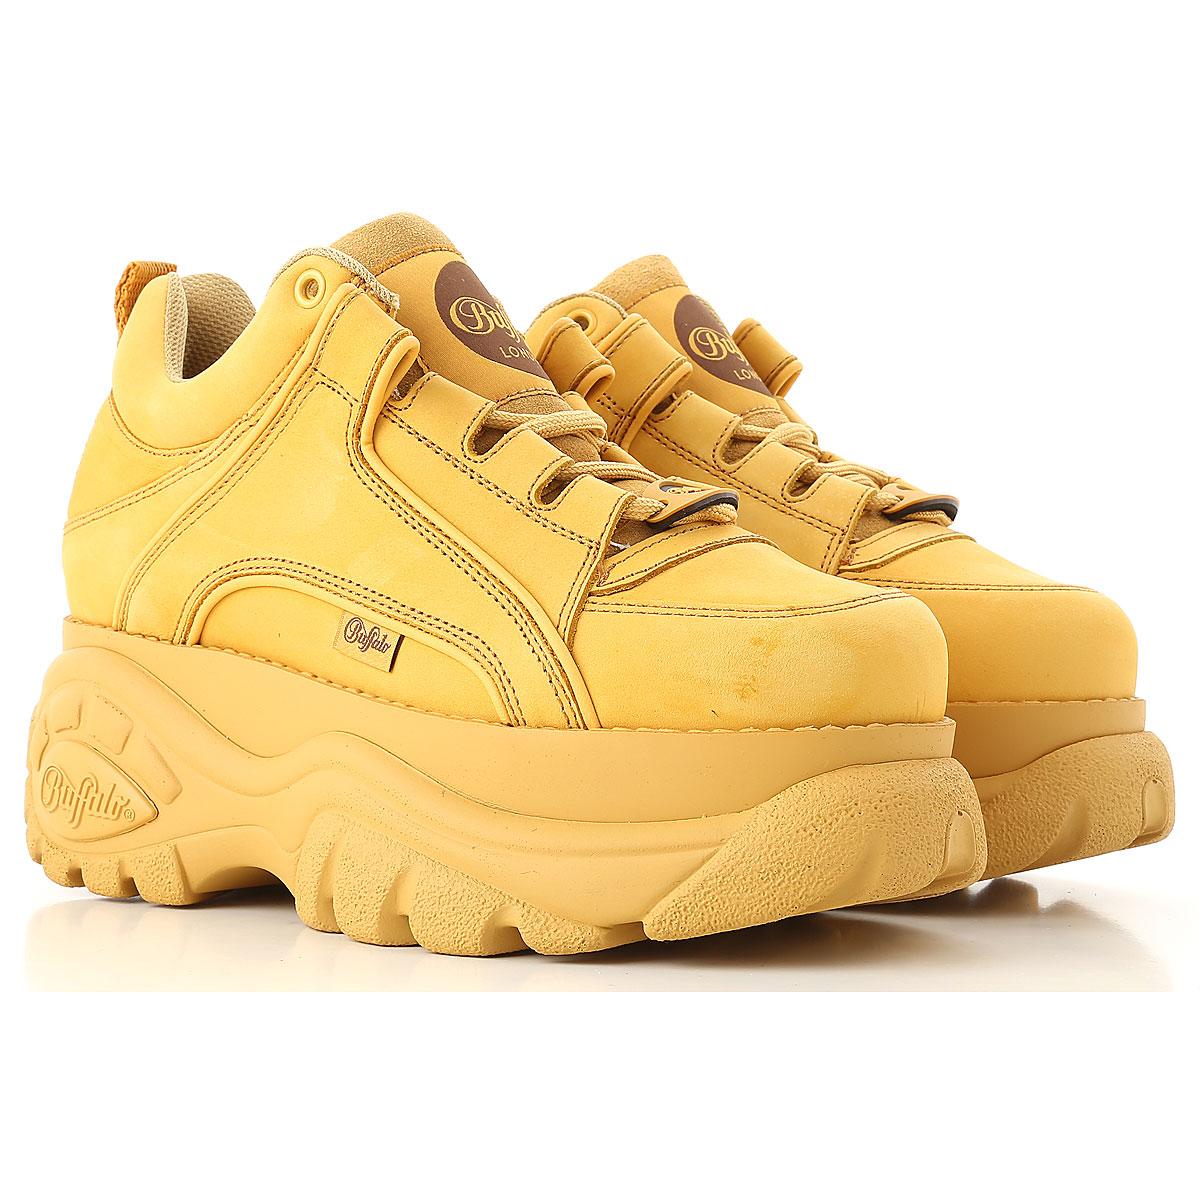 Image of Buffalo Sneakers for Women, Desert, Leather, 2017, UK 3 - EU 36 - US 6 UK 4 - EU 37 - US 7 UK 5 - EU 38 - US 8 UK 6 - EU 39 - US 9 UK 7 - EU 40 - US 10 UK 8 - EU 41 - US 11